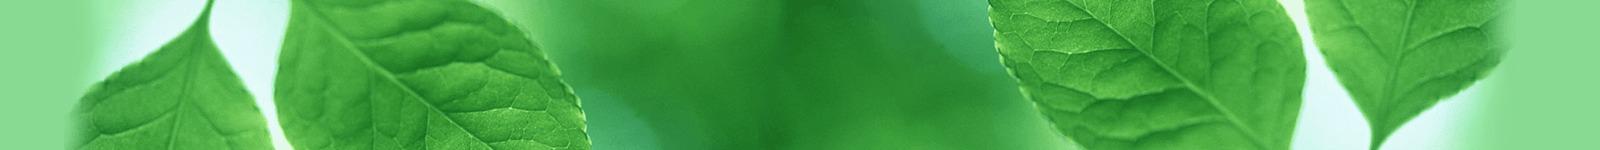 aku-zone grøn